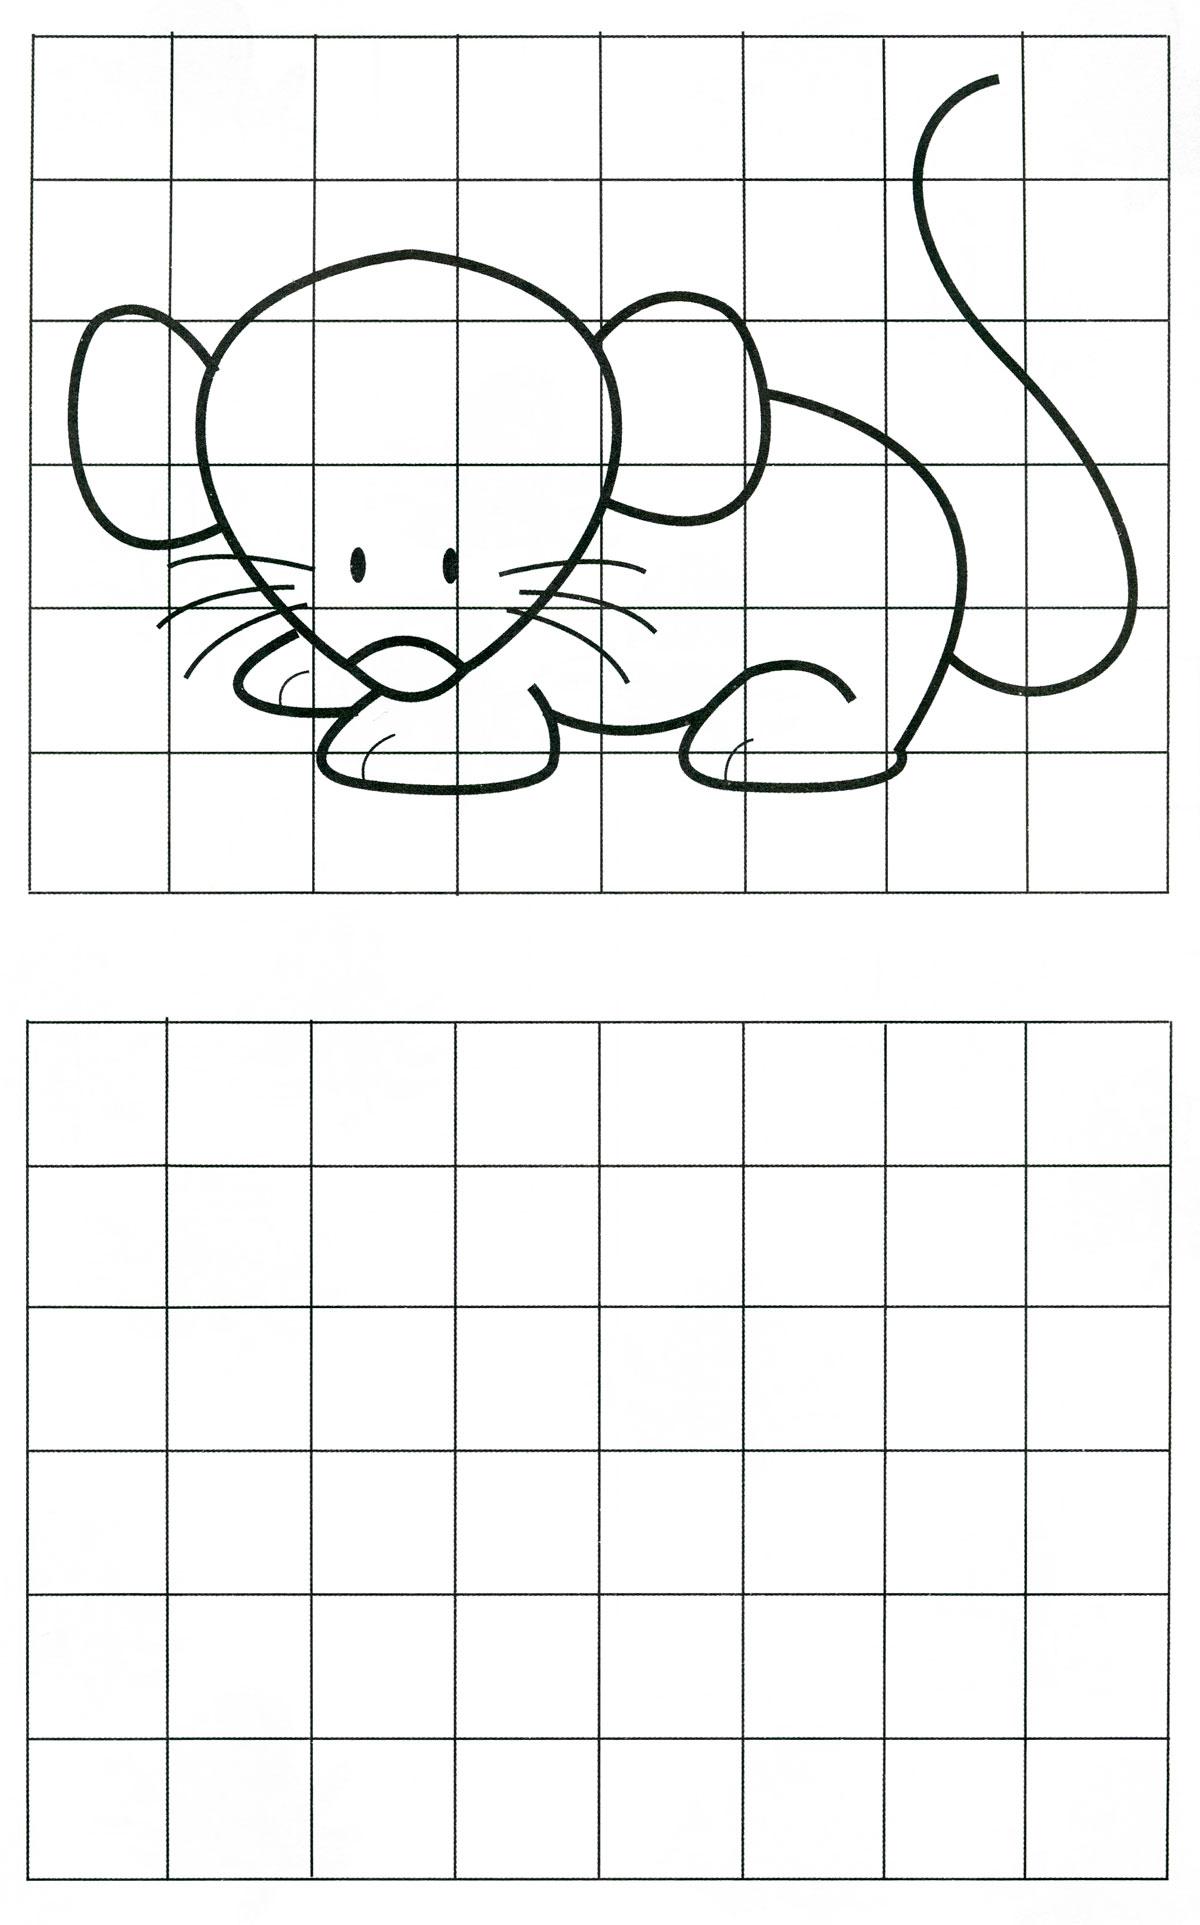 срисовать картинки карандашом по клеточкам пояс подчеркнет талию